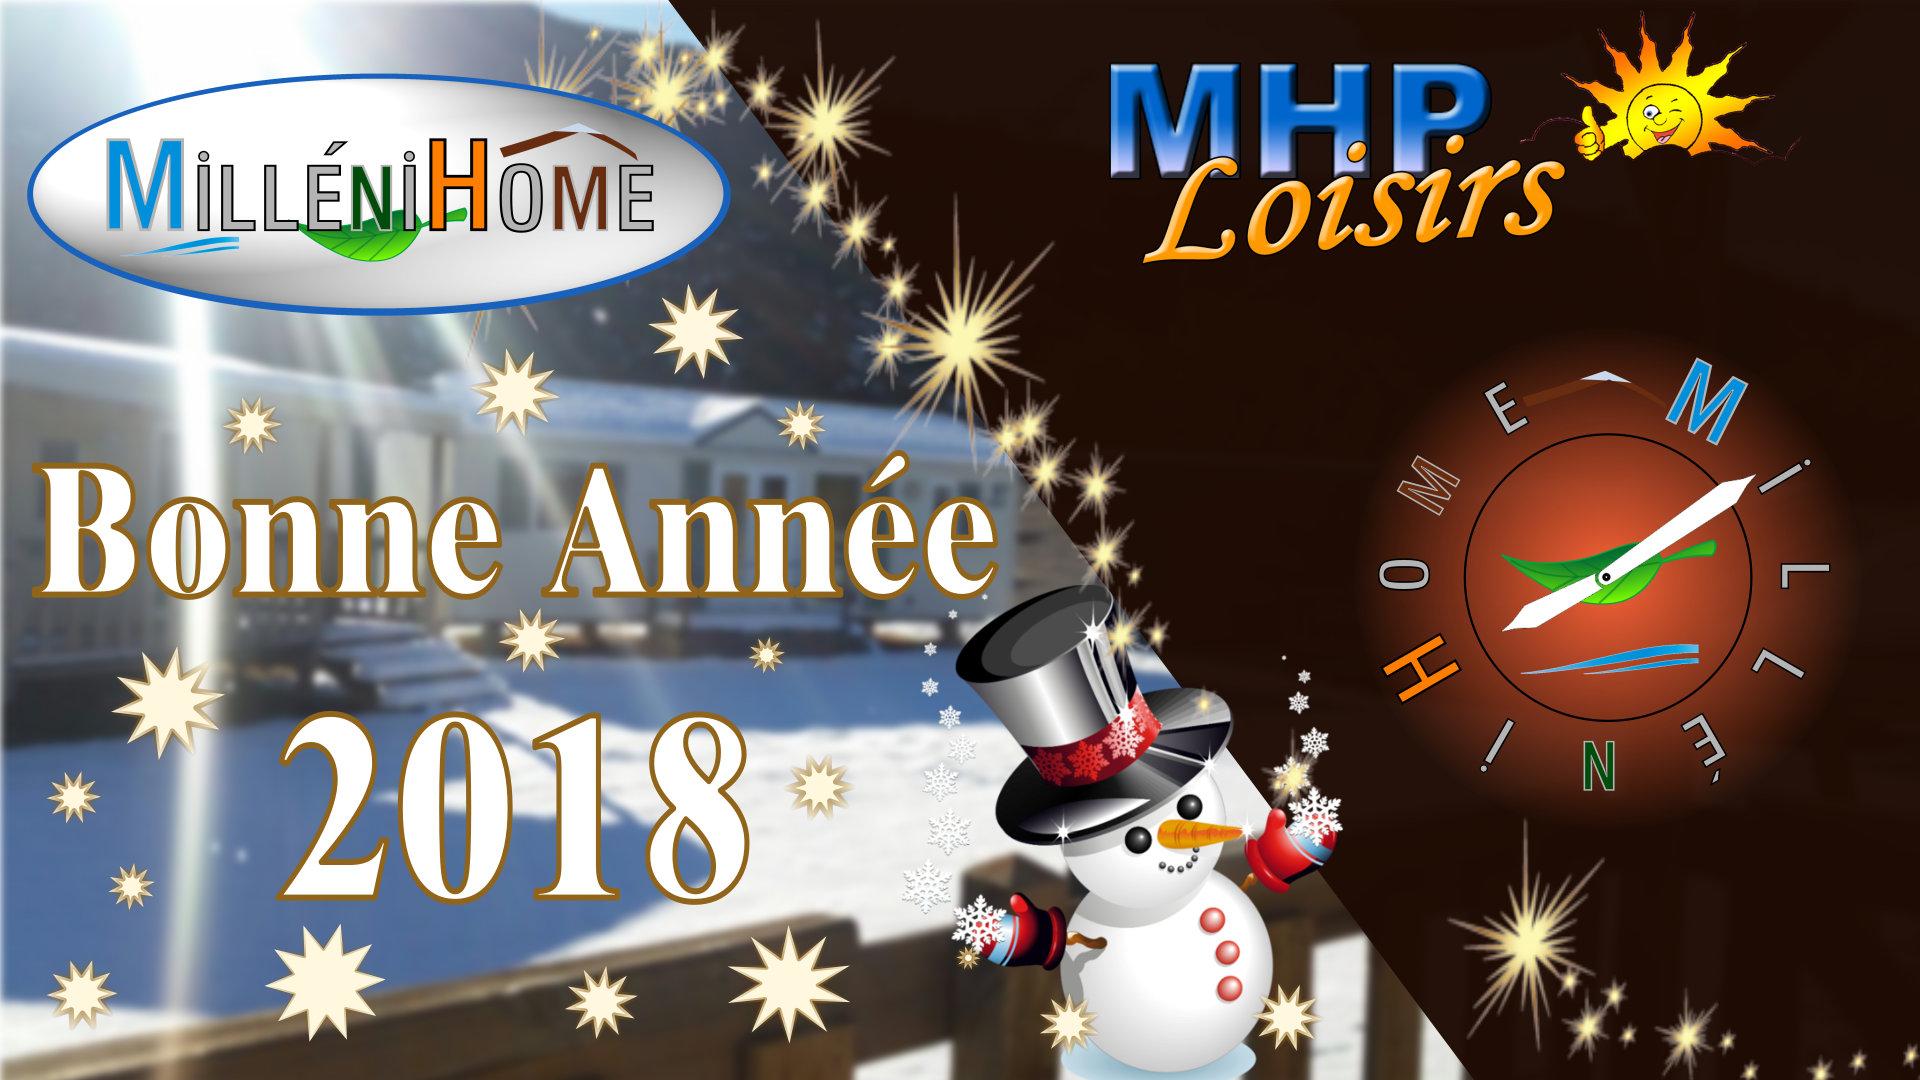 MHP Loisirs et MilléniHome vous présente leurs meilleurs vœux !